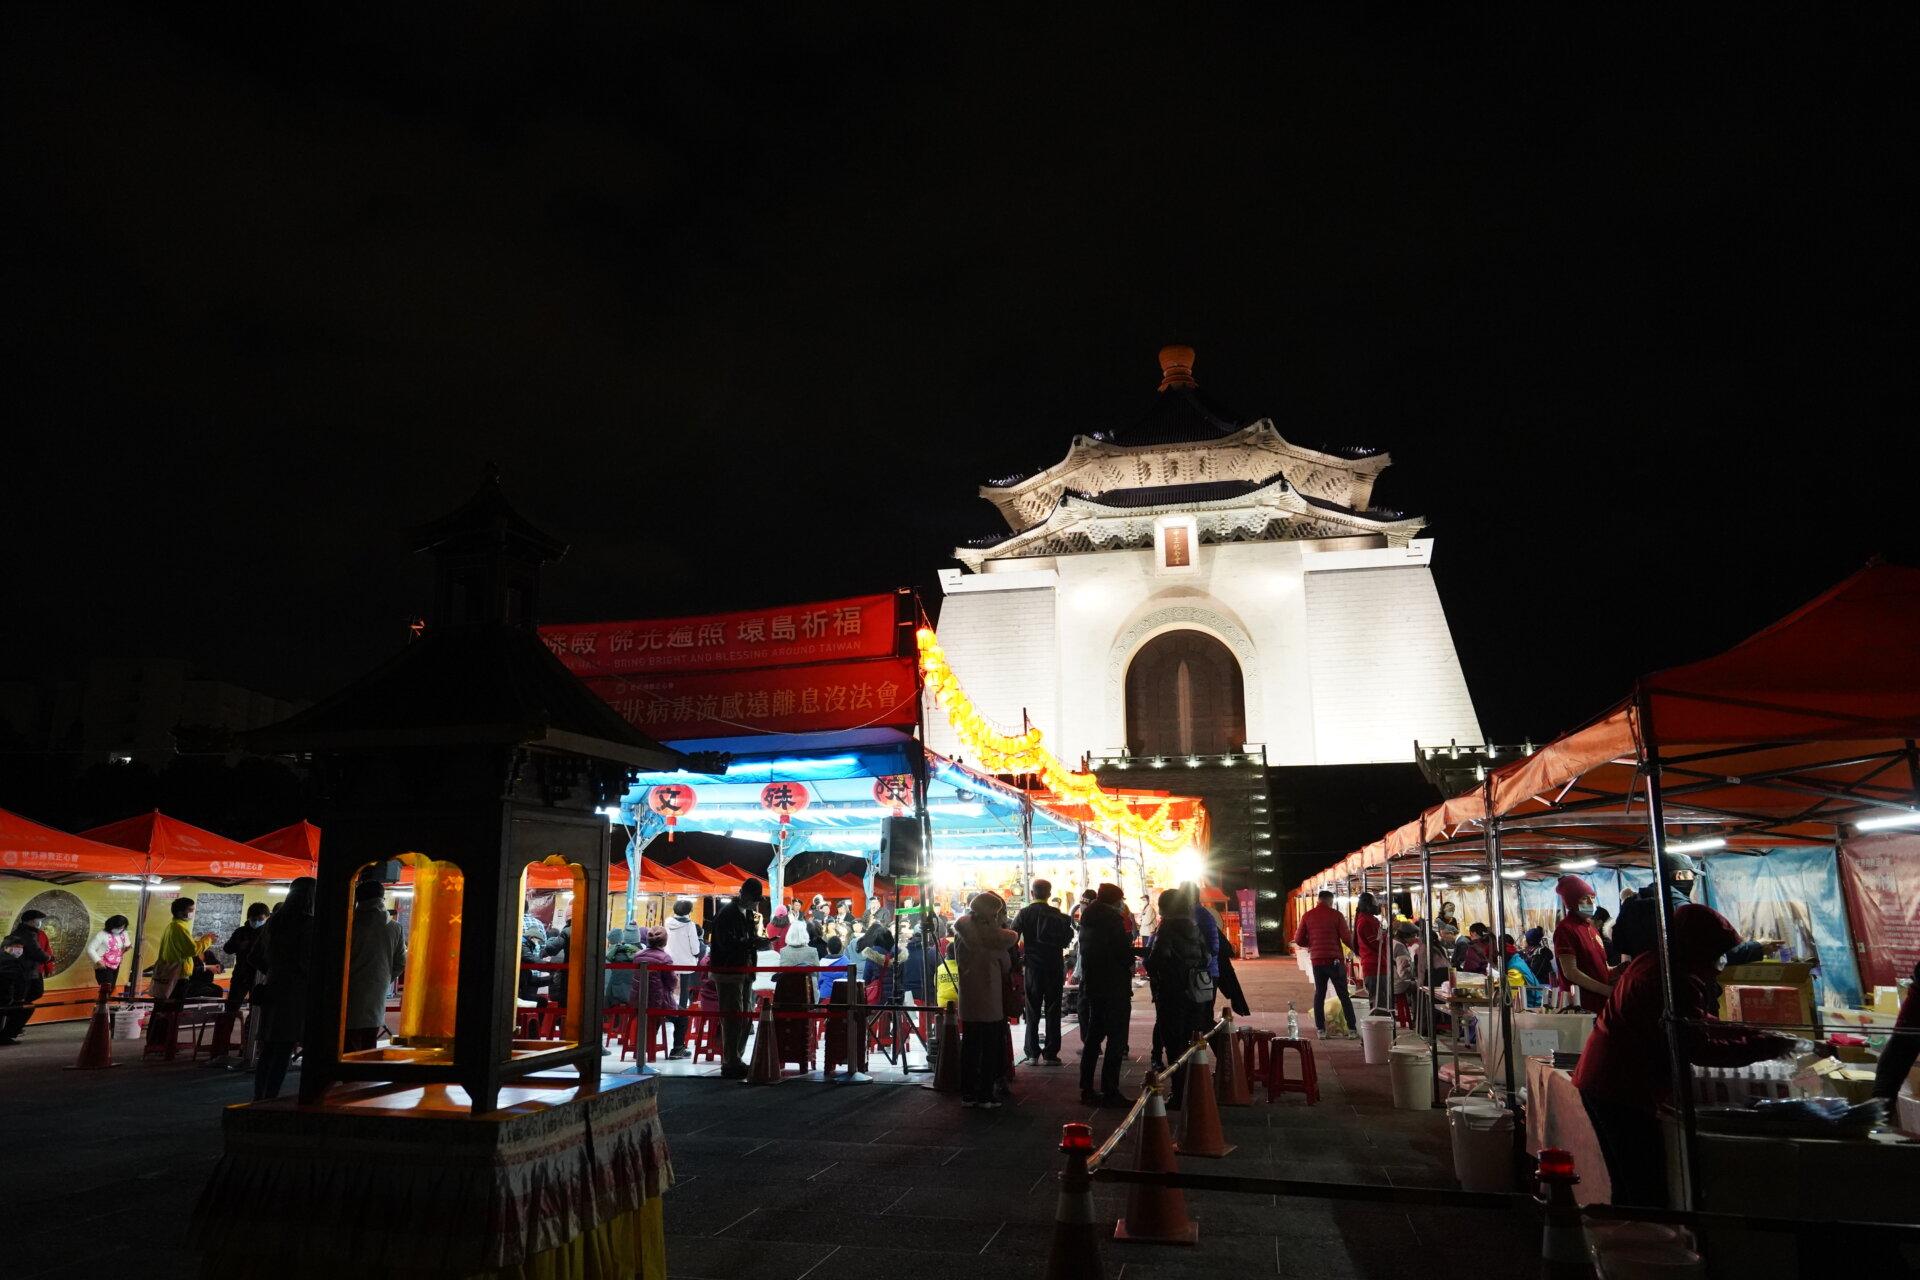 行動佛殿117站台北中正紀念堂,啟建全球新冠狀病毒疫情早日遠離息沒消災祈福法會,公益晚會